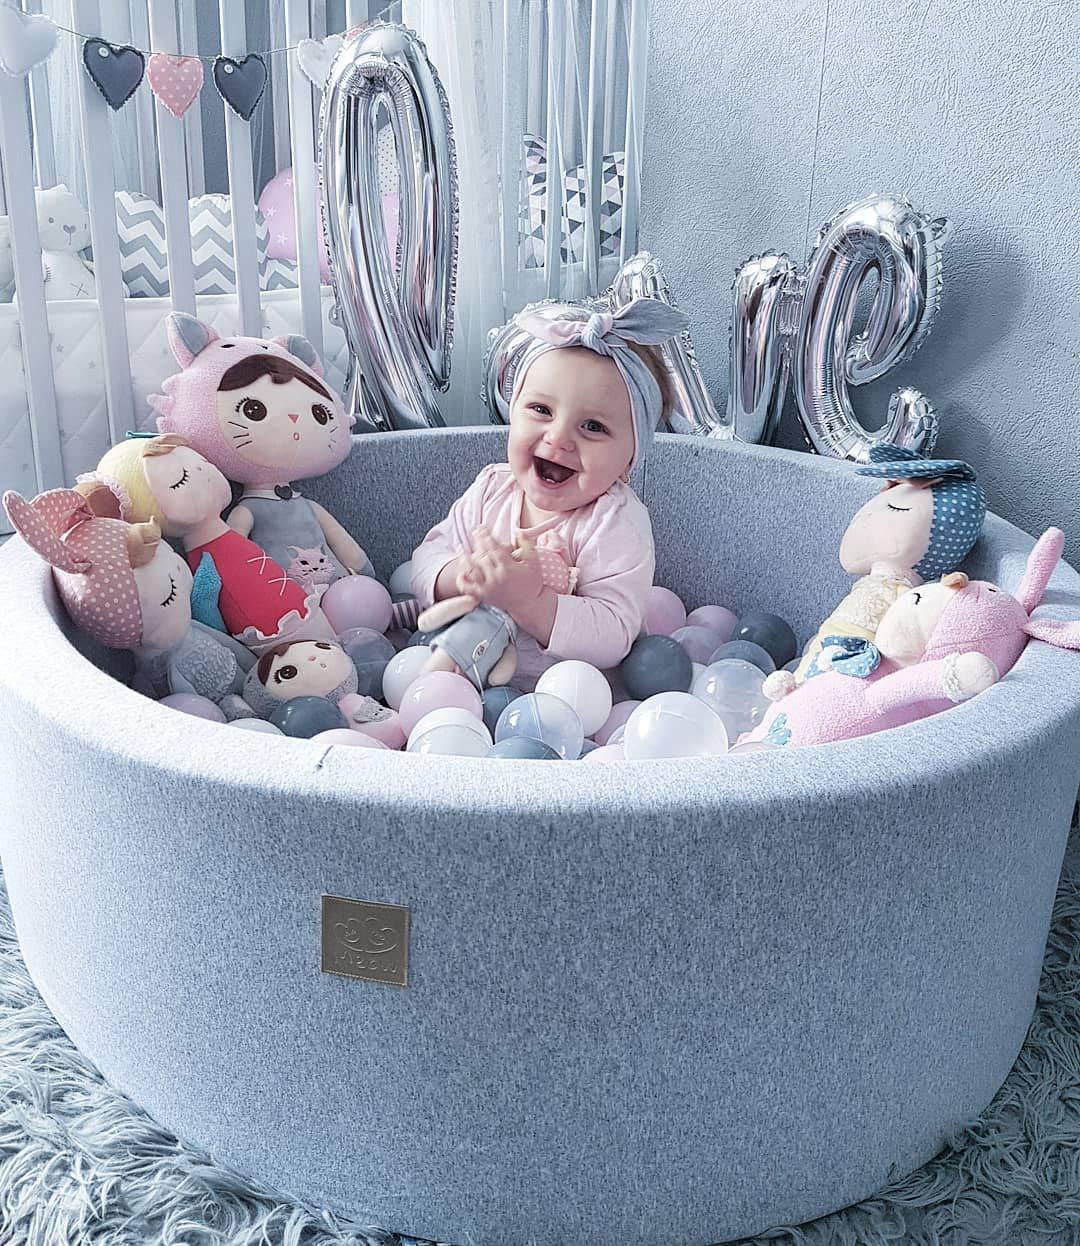 Cadeaux de Noël : Les jouets pour enfants de la naissance à 6 mois